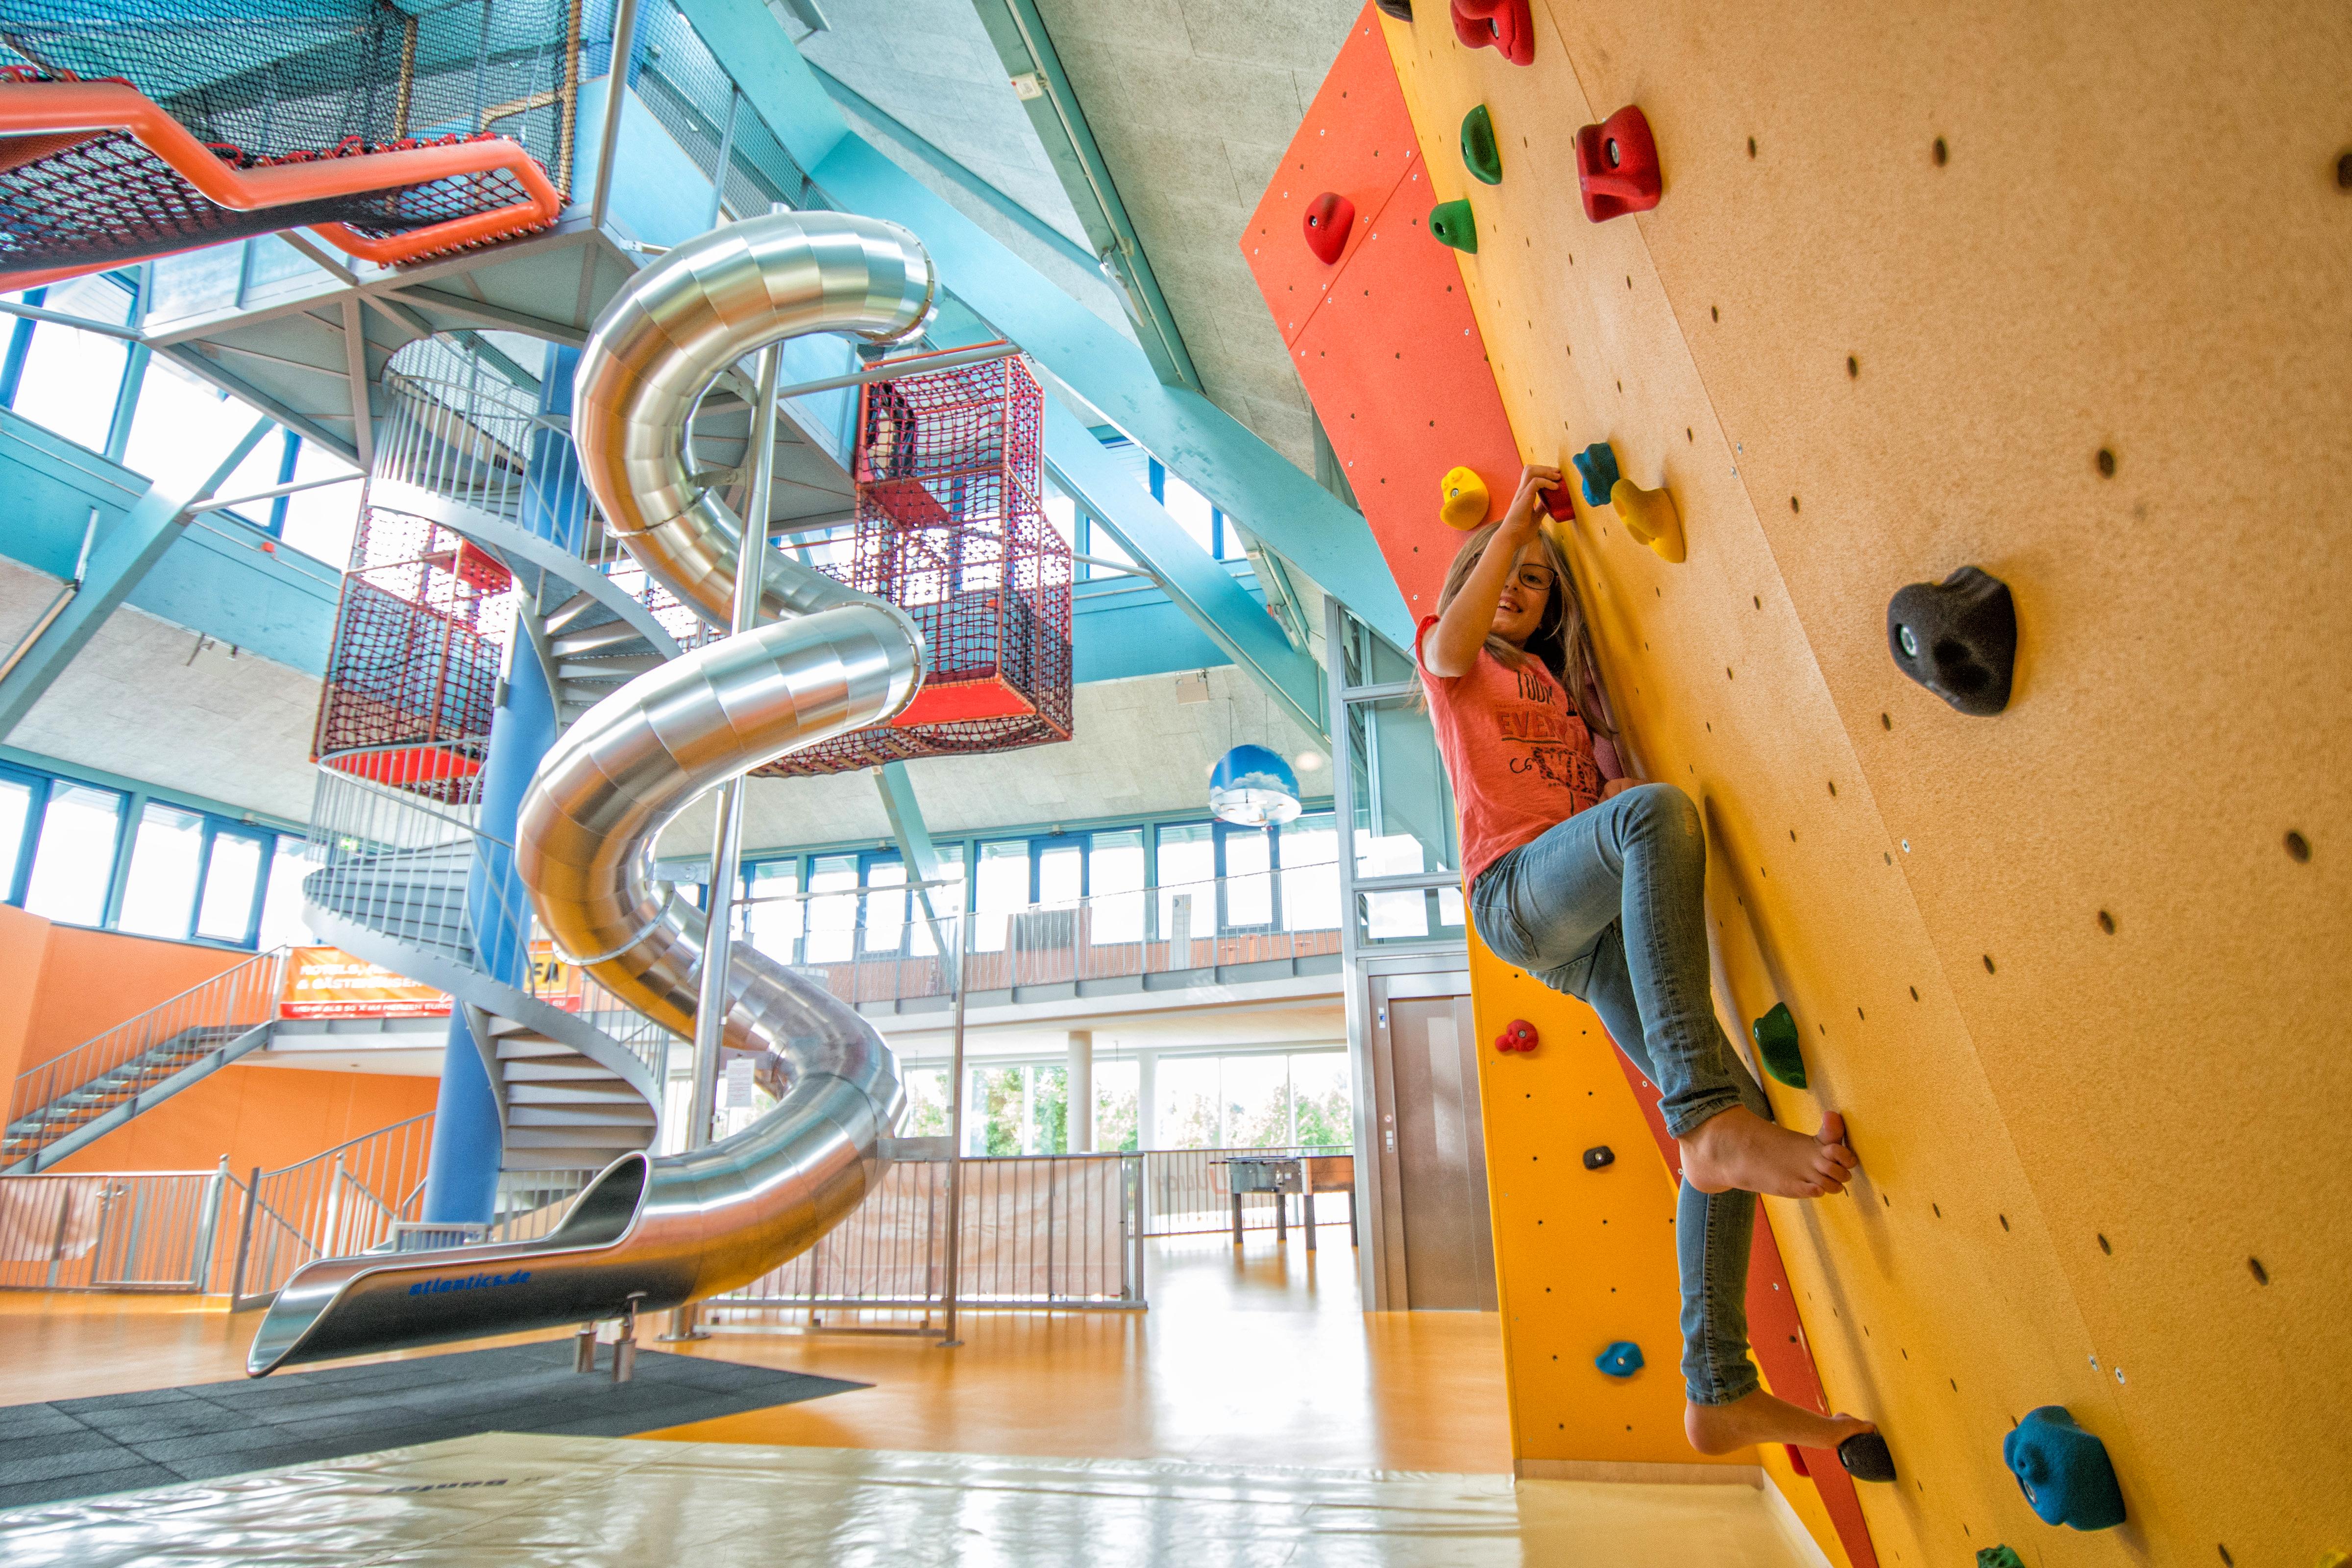 Ein Mädchen beim Klettern auf der Boulderwand im Indoorspielbereich im JUFA Hotel Jülich. JUFA Hotels bieten erholsamen Familienurlaub und einen unvergesslichen Winter- und Wanderurlaub.